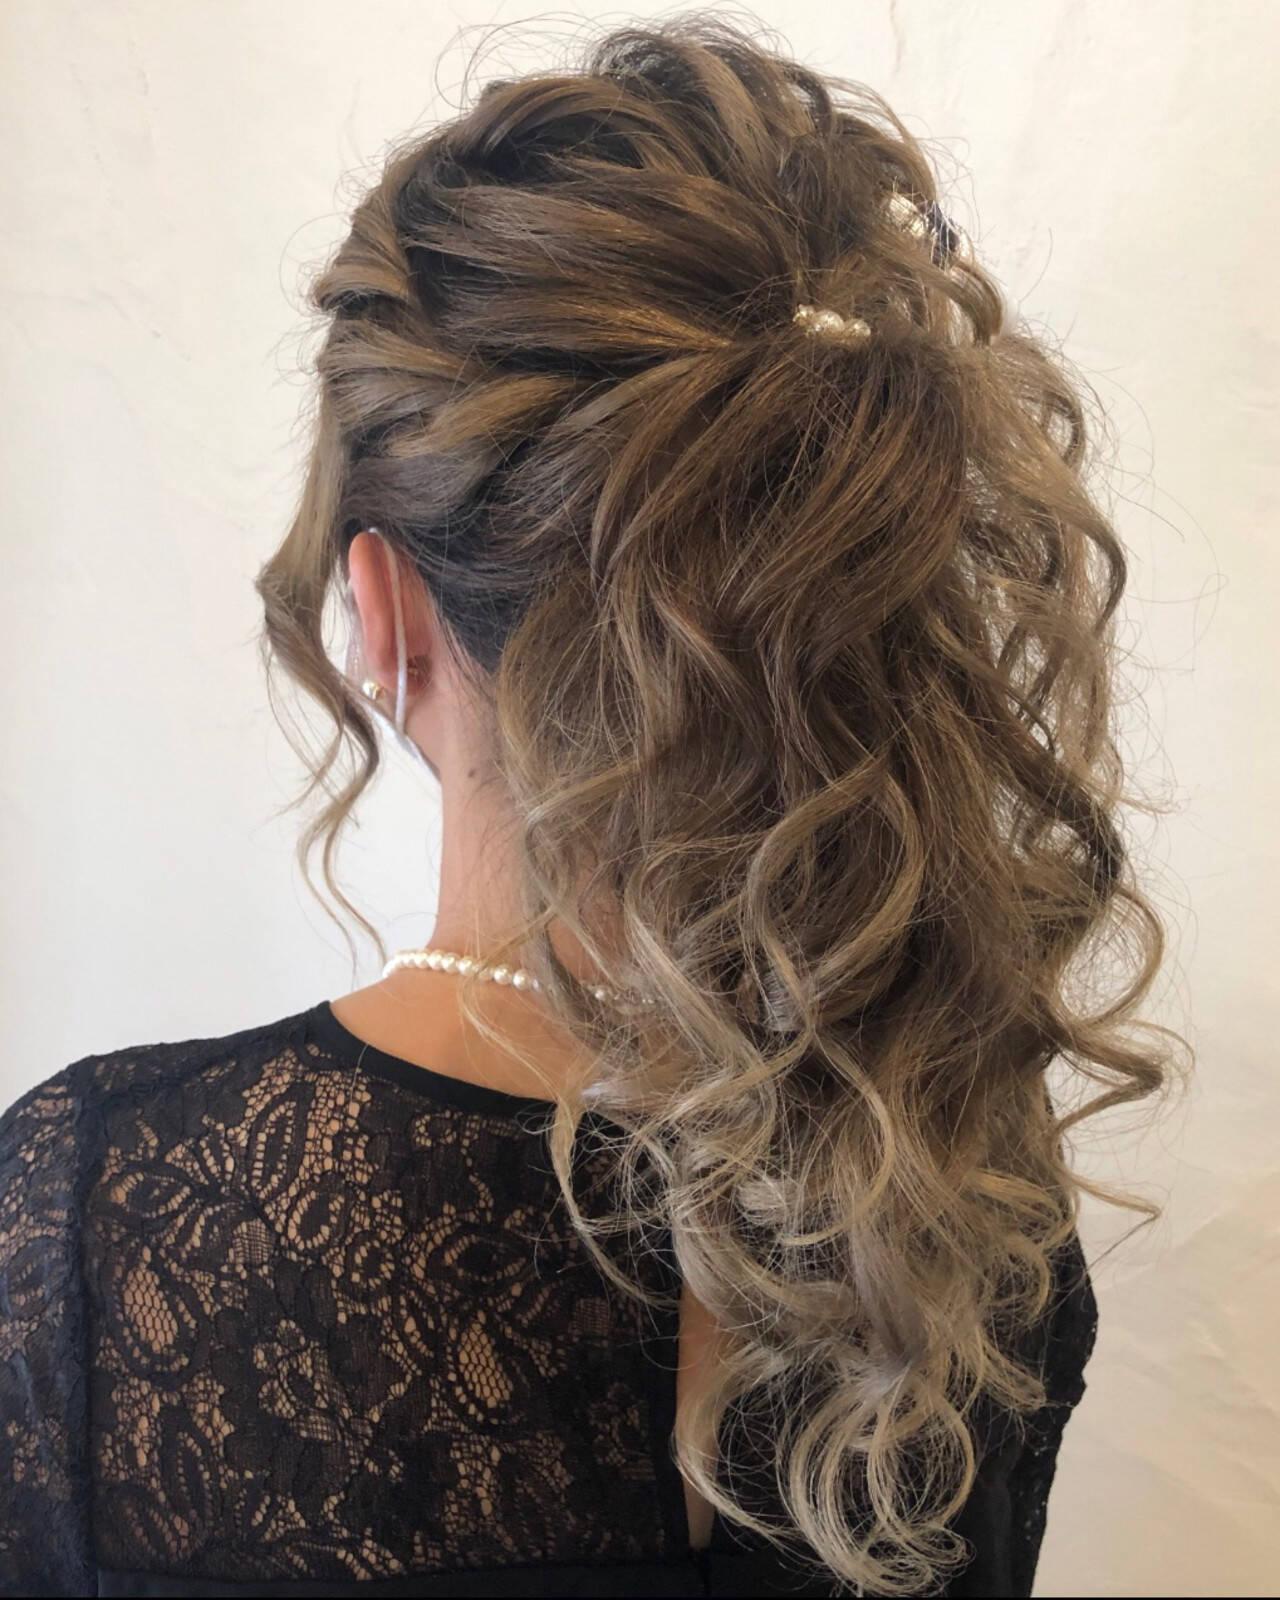 編み込みヘア 成人式ヘア コンサバ ヘアアレンジヘアスタイルや髪型の写真・画像